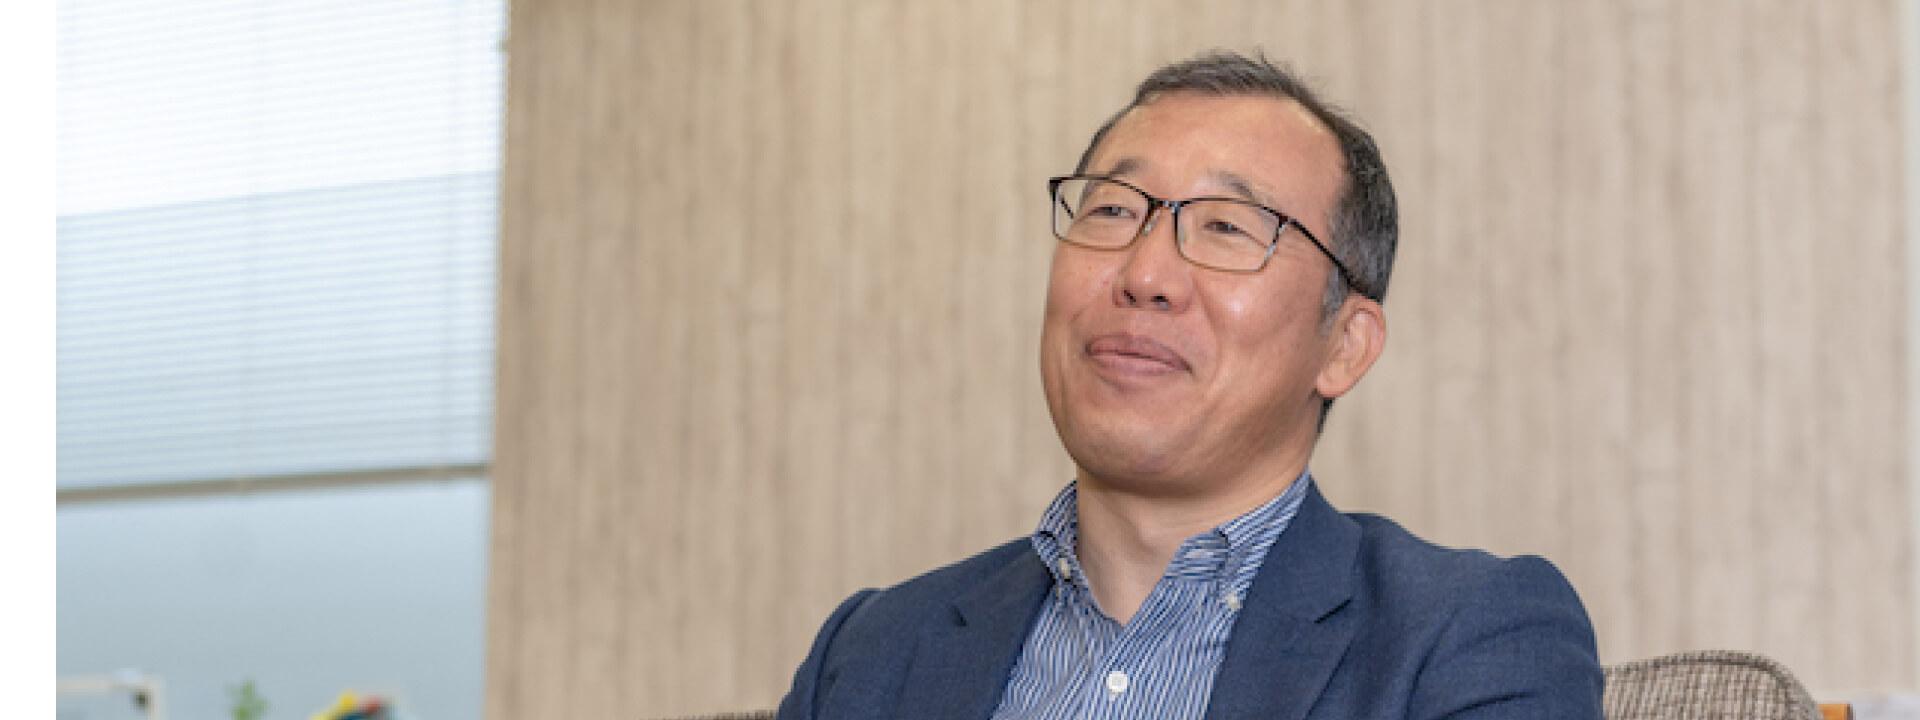 プリンシプル大学学長 取締役副社長 木田 和廣